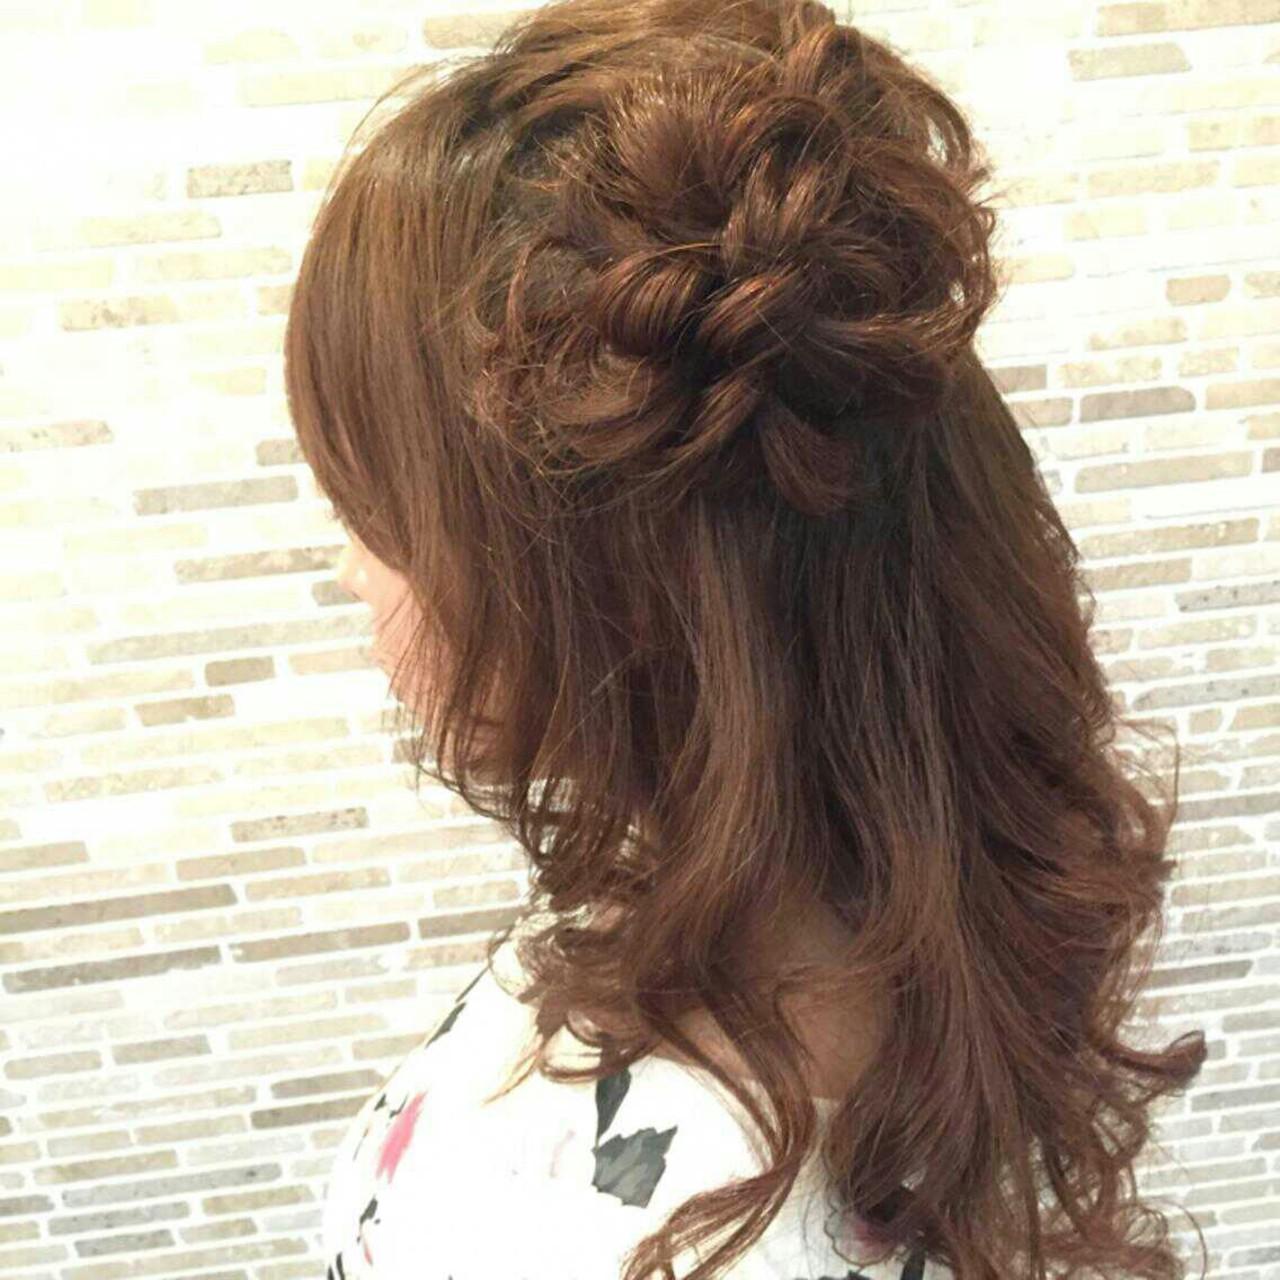 モテ髪 ヘアアレンジ ハーフアップ フェミニン ヘアスタイルや髪型の写真・画像 | やす(やすこ) /